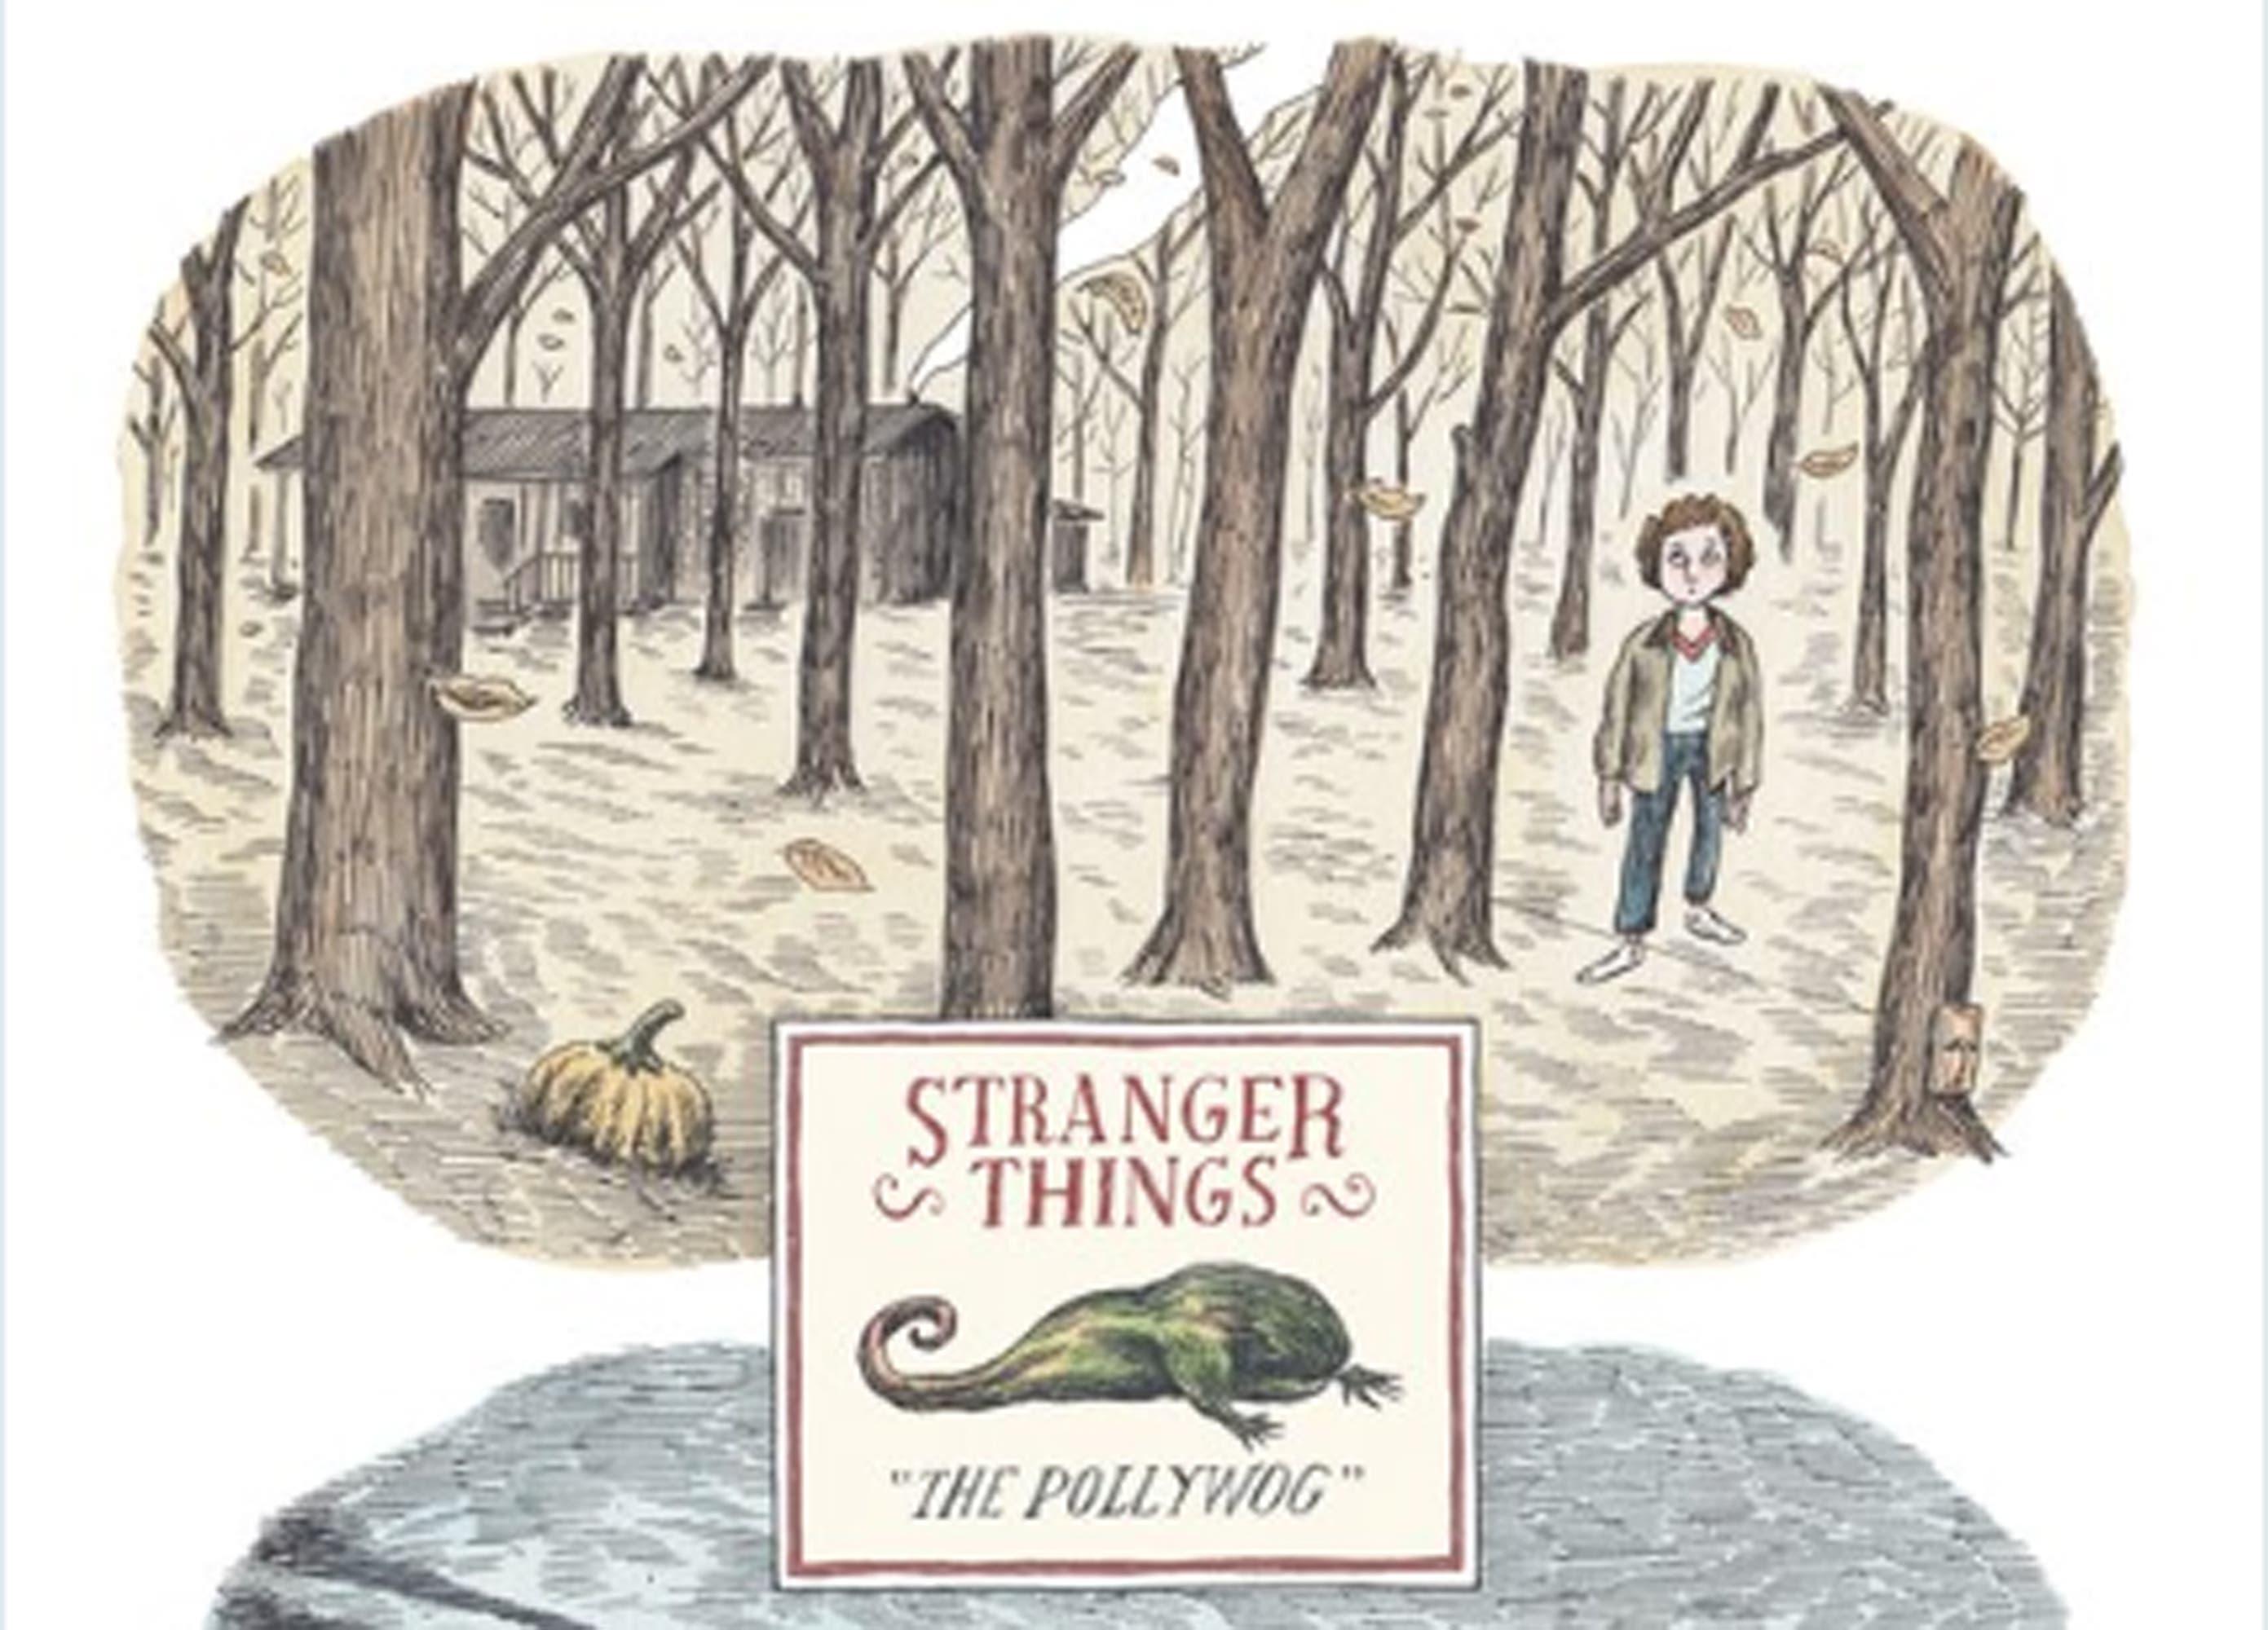 El dibujante argentino Liniers diseñó el nuevo poster de la serie Strangers Things